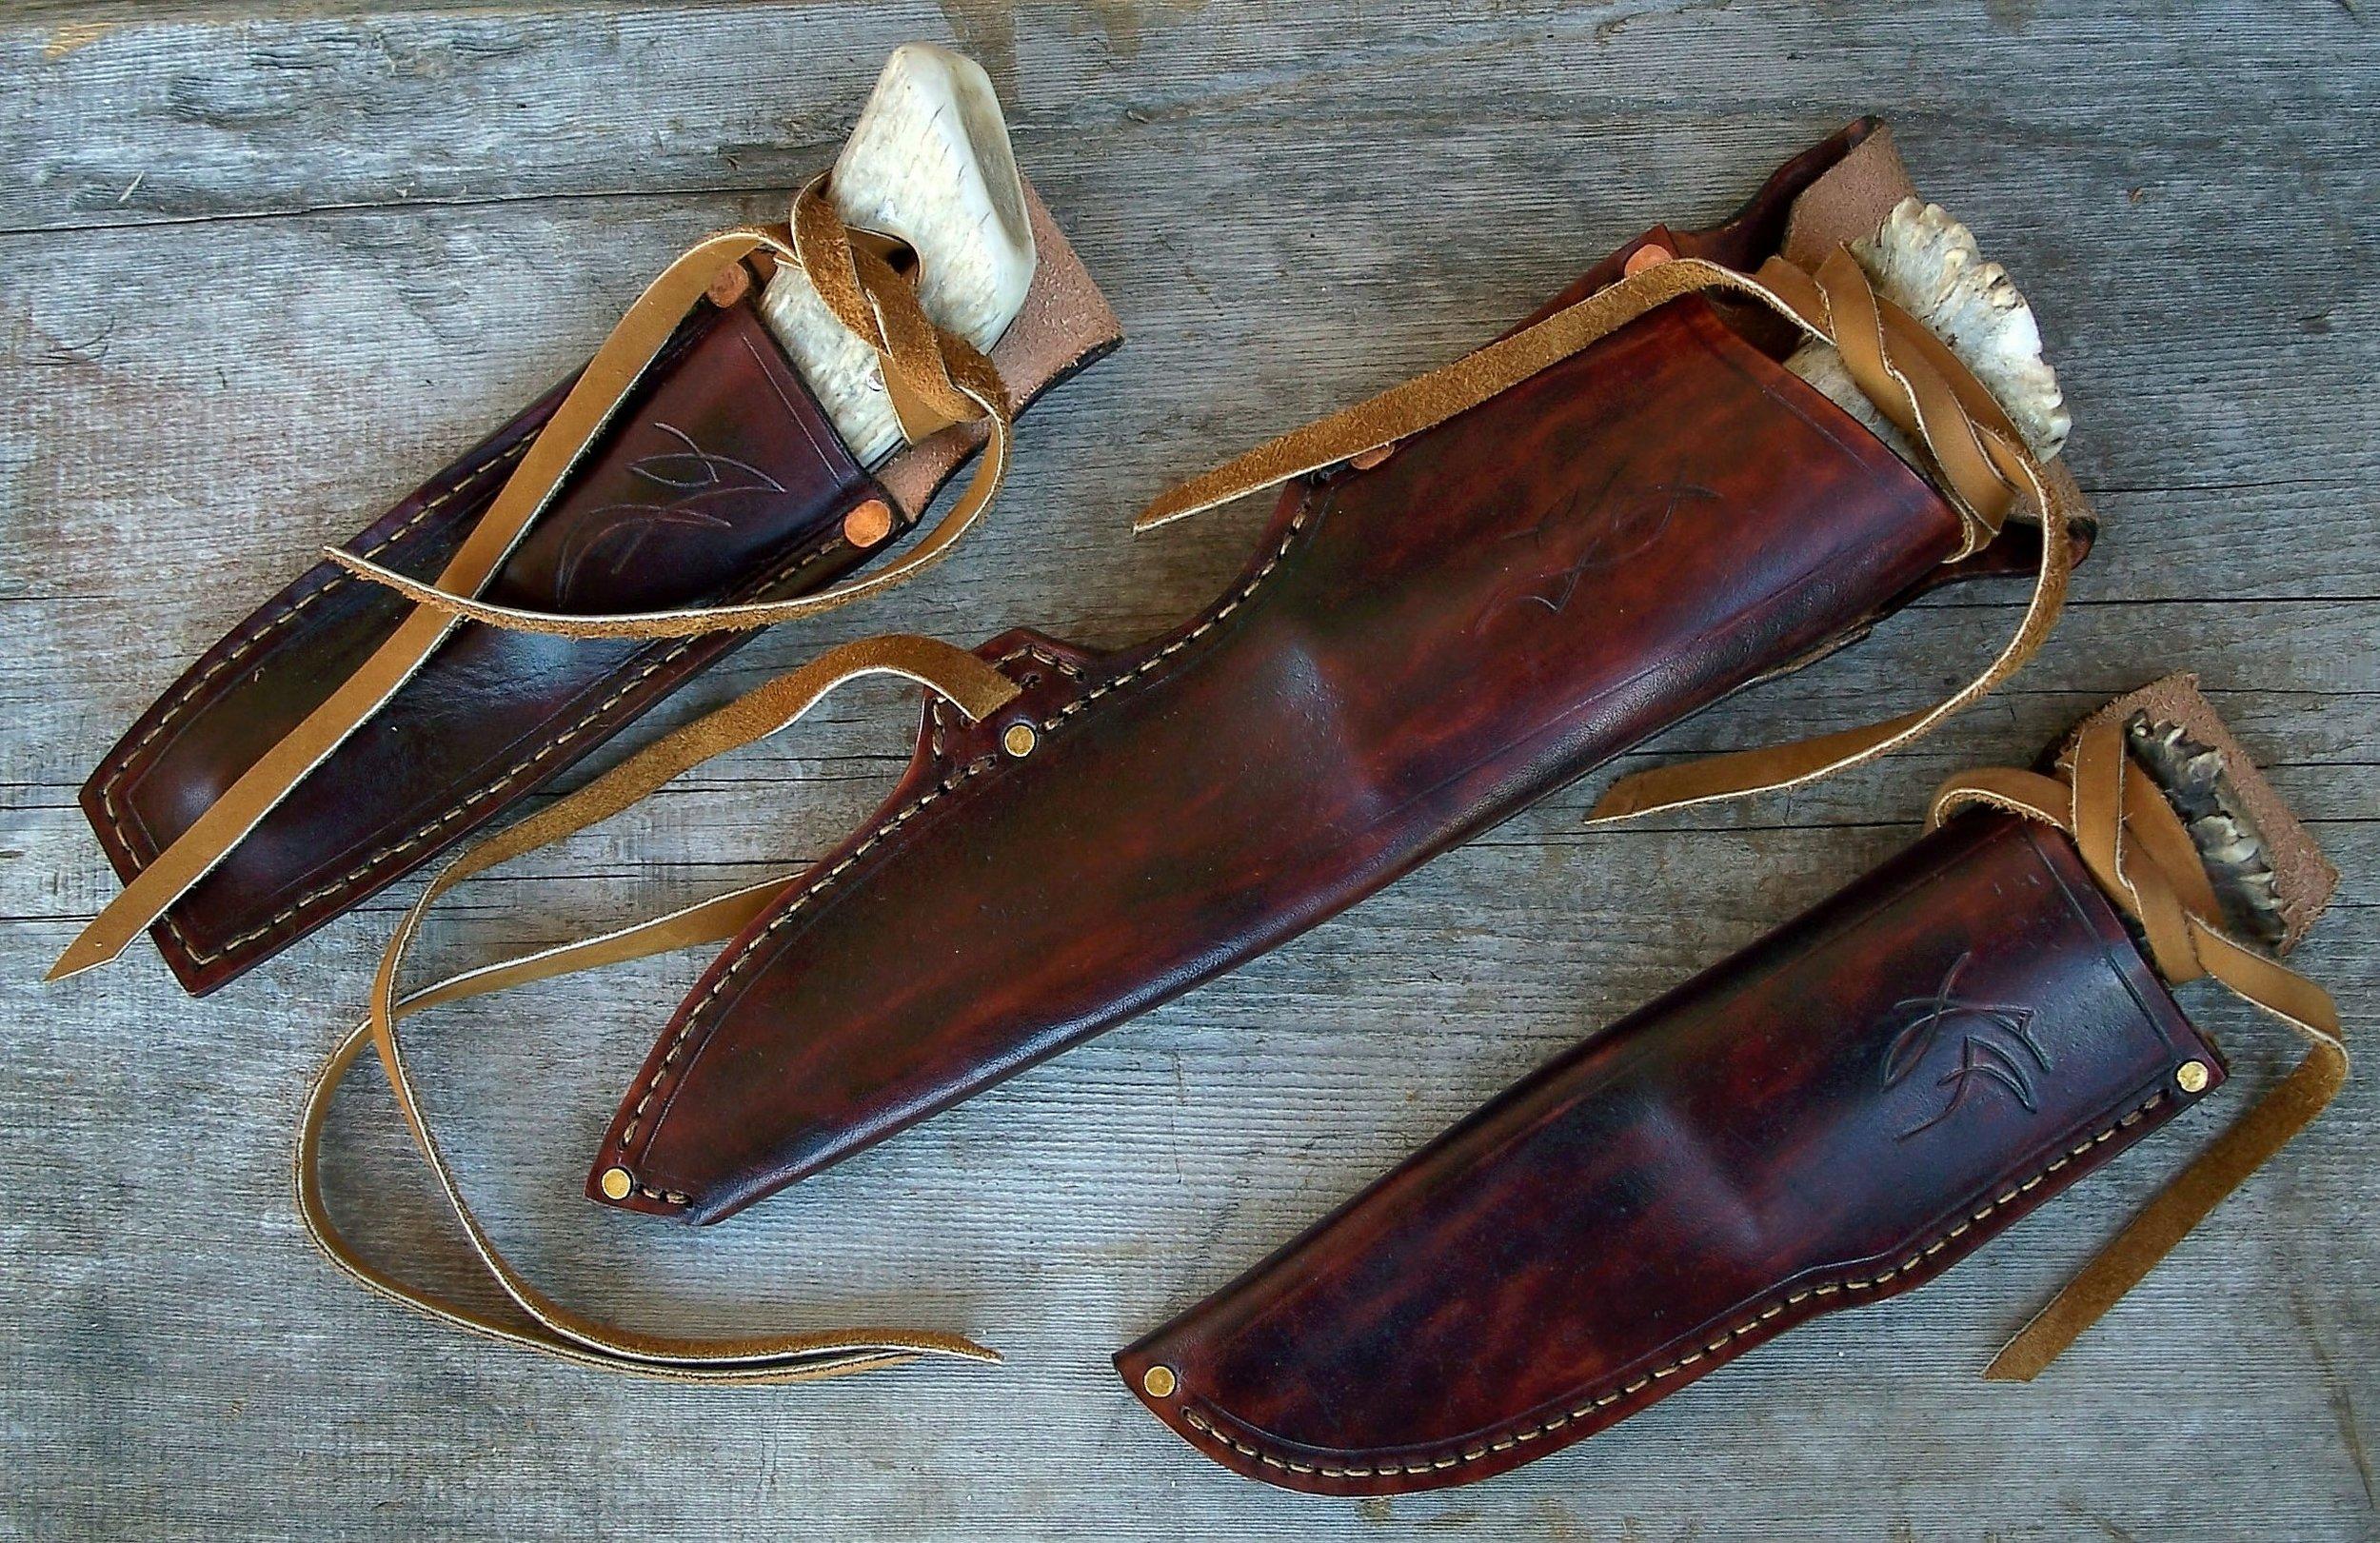 Horseback Knives Sheathed